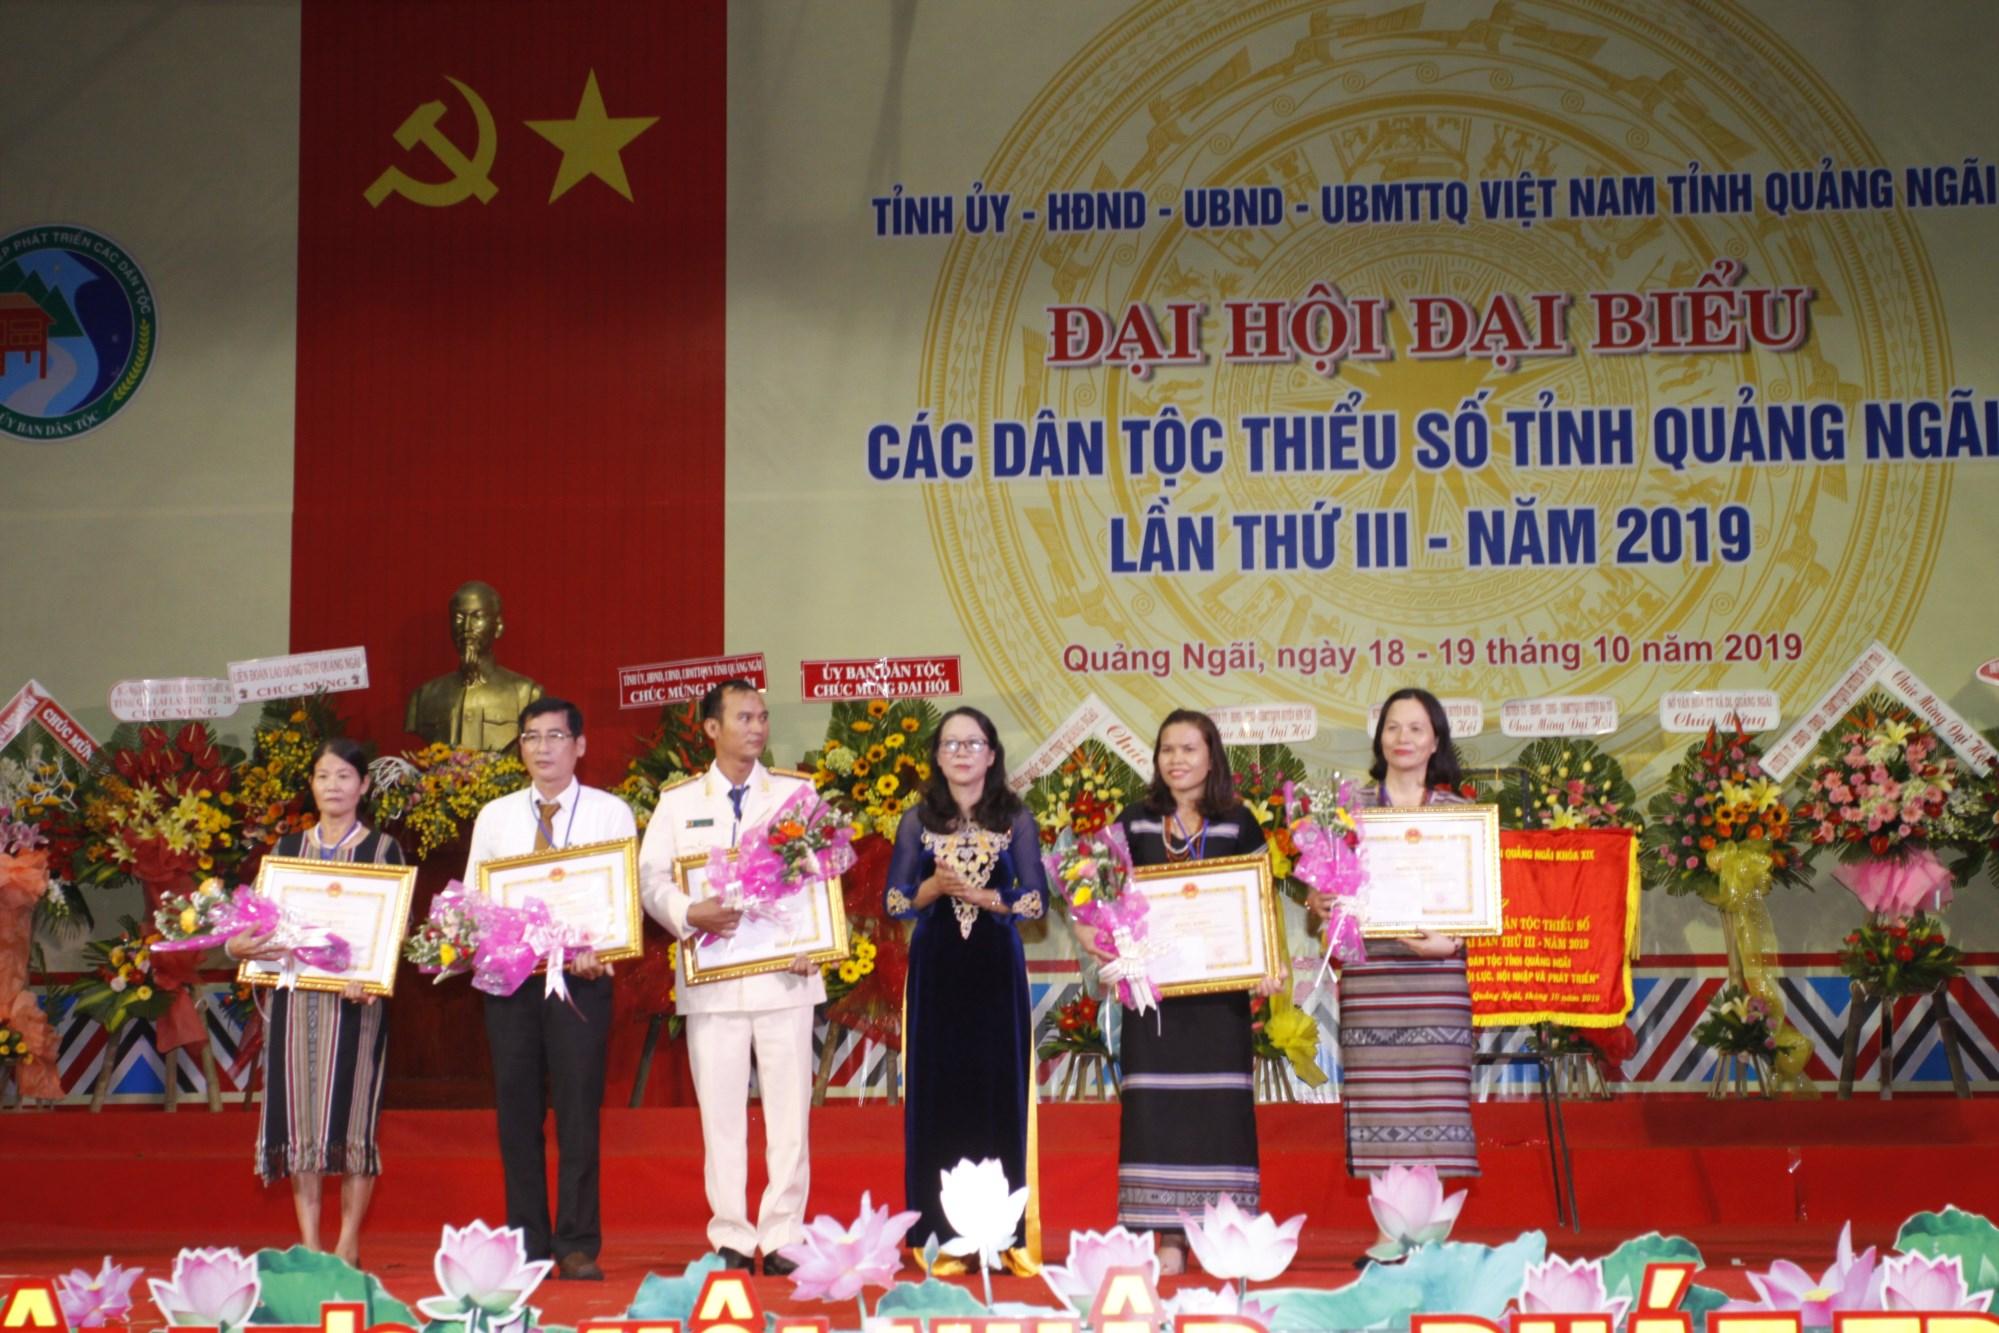 Thứ trưởng, Phó Chủ nhiệm UBDT Hoàng Thị Hạnh tặng Bằng khen của UBDT cho các tập thể có thành tích suất sắc trong công tác dân tộc